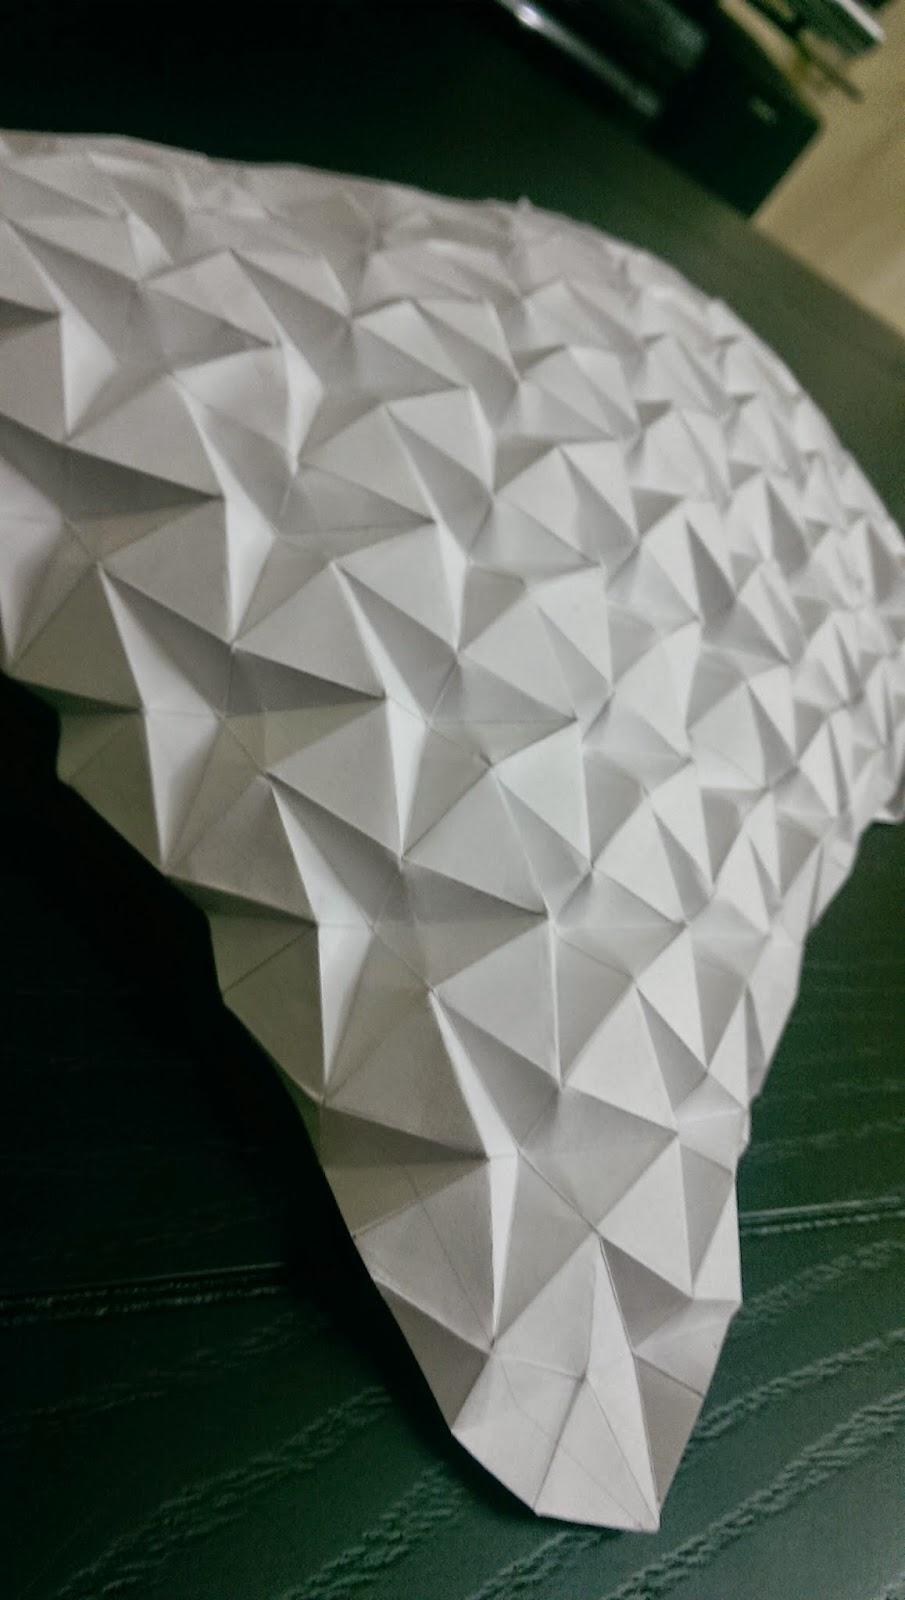 ORIGAMI: T3 - Origami tessellations/ Utilizing triangles